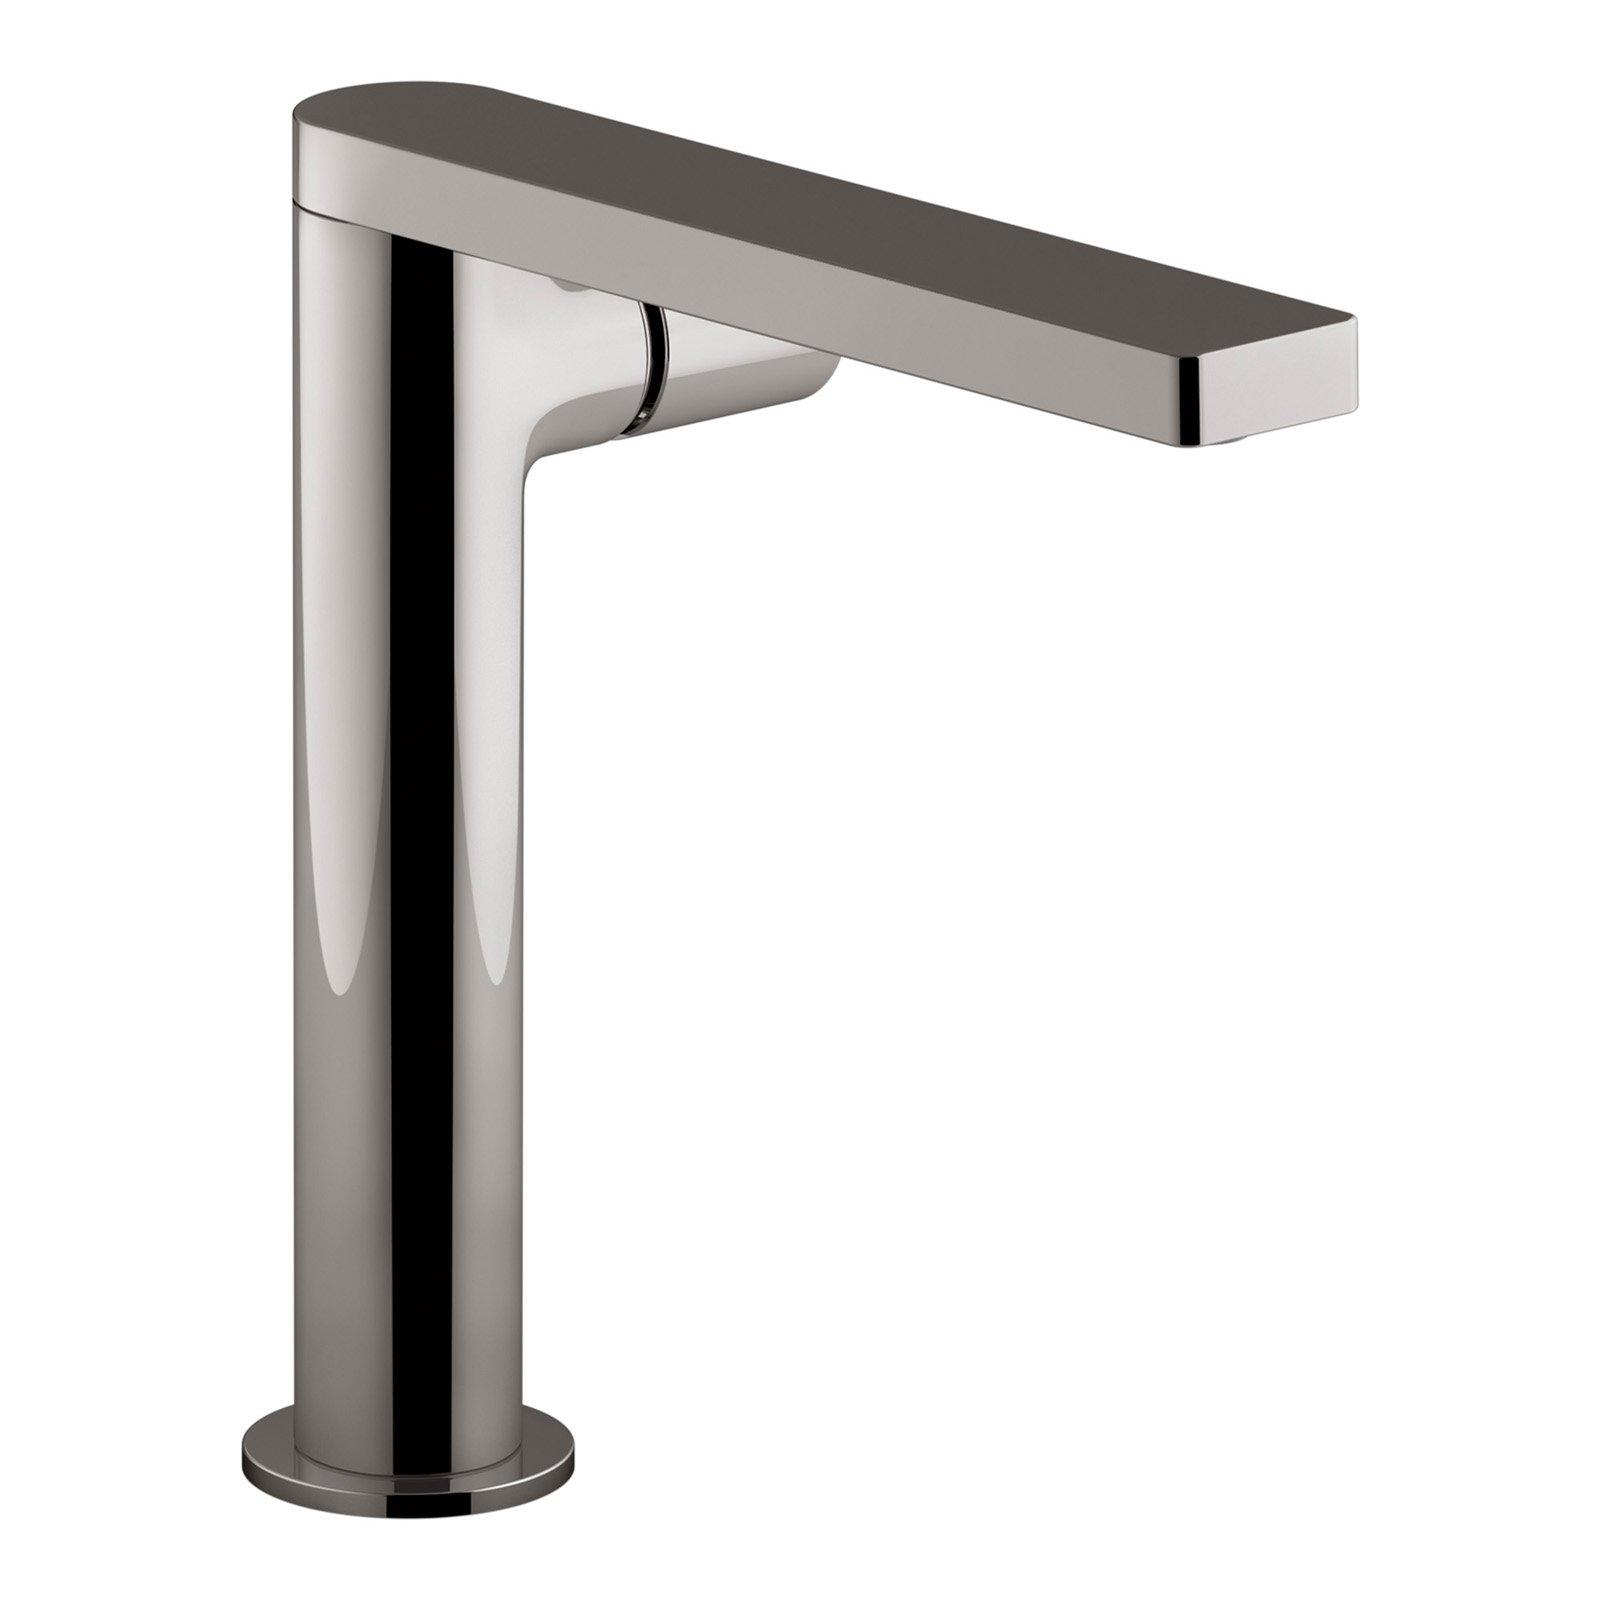 Kohler Composed K73159 7 Single Hole Bathroom Sink Faucet Bathroom Faucets Faucet Sink Faucets